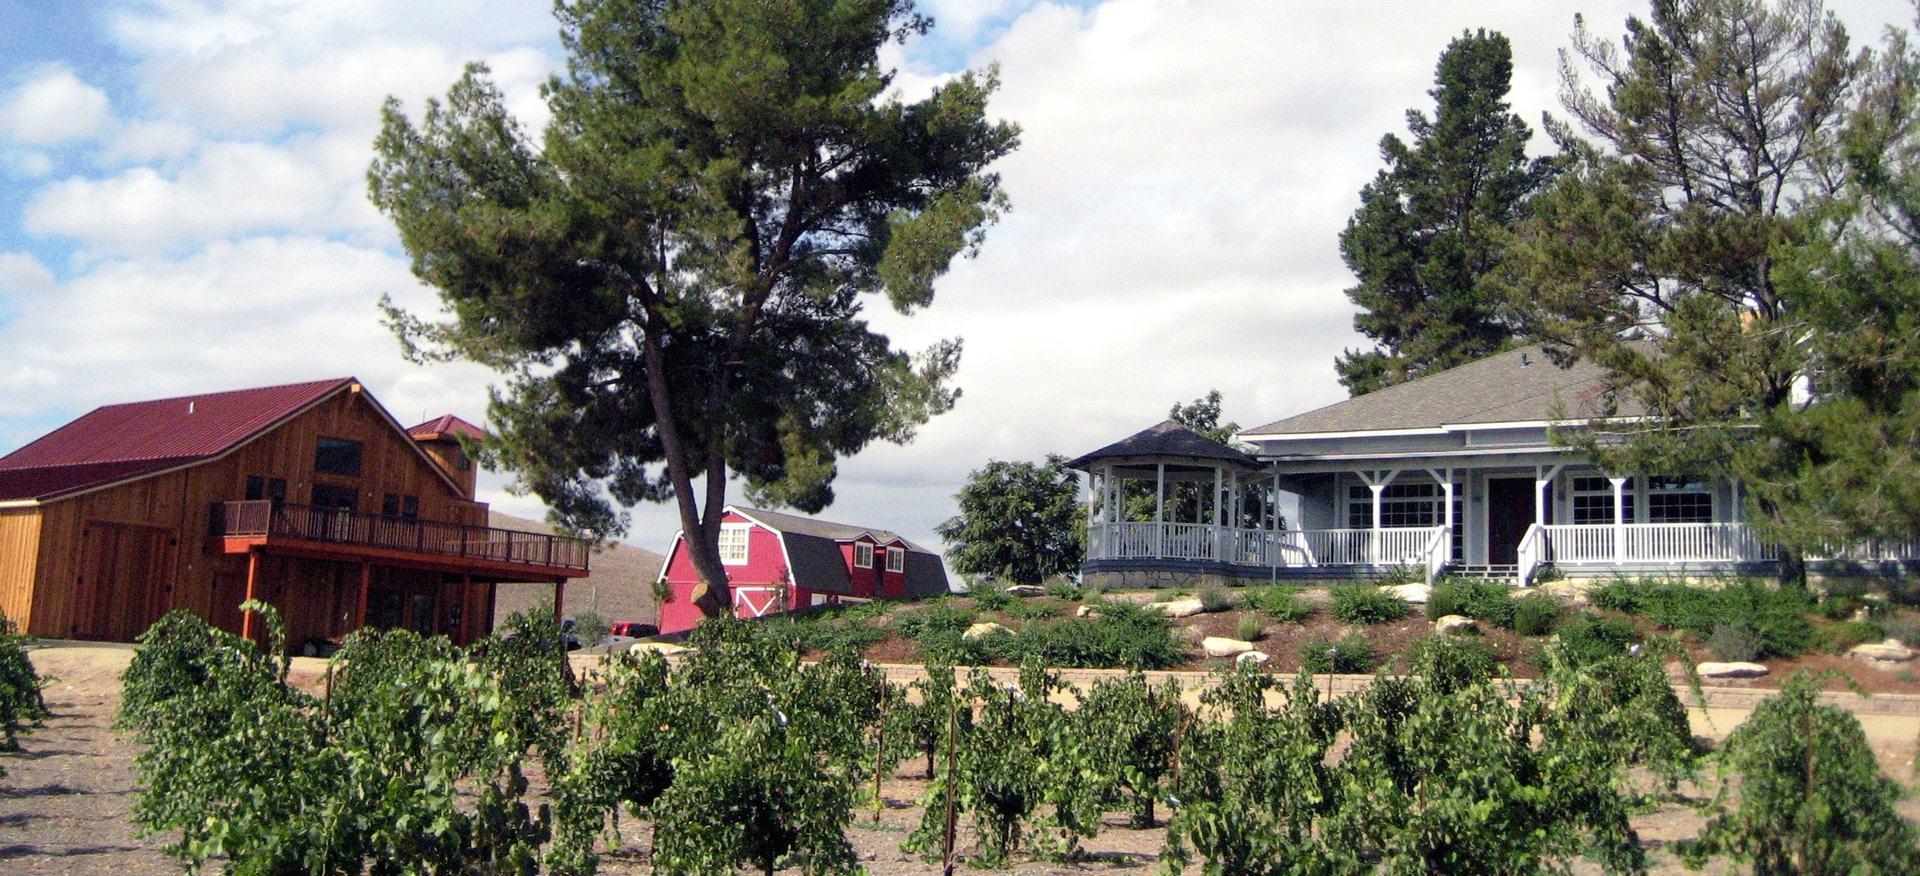 Photo courtesy of Ventaux Vineyards